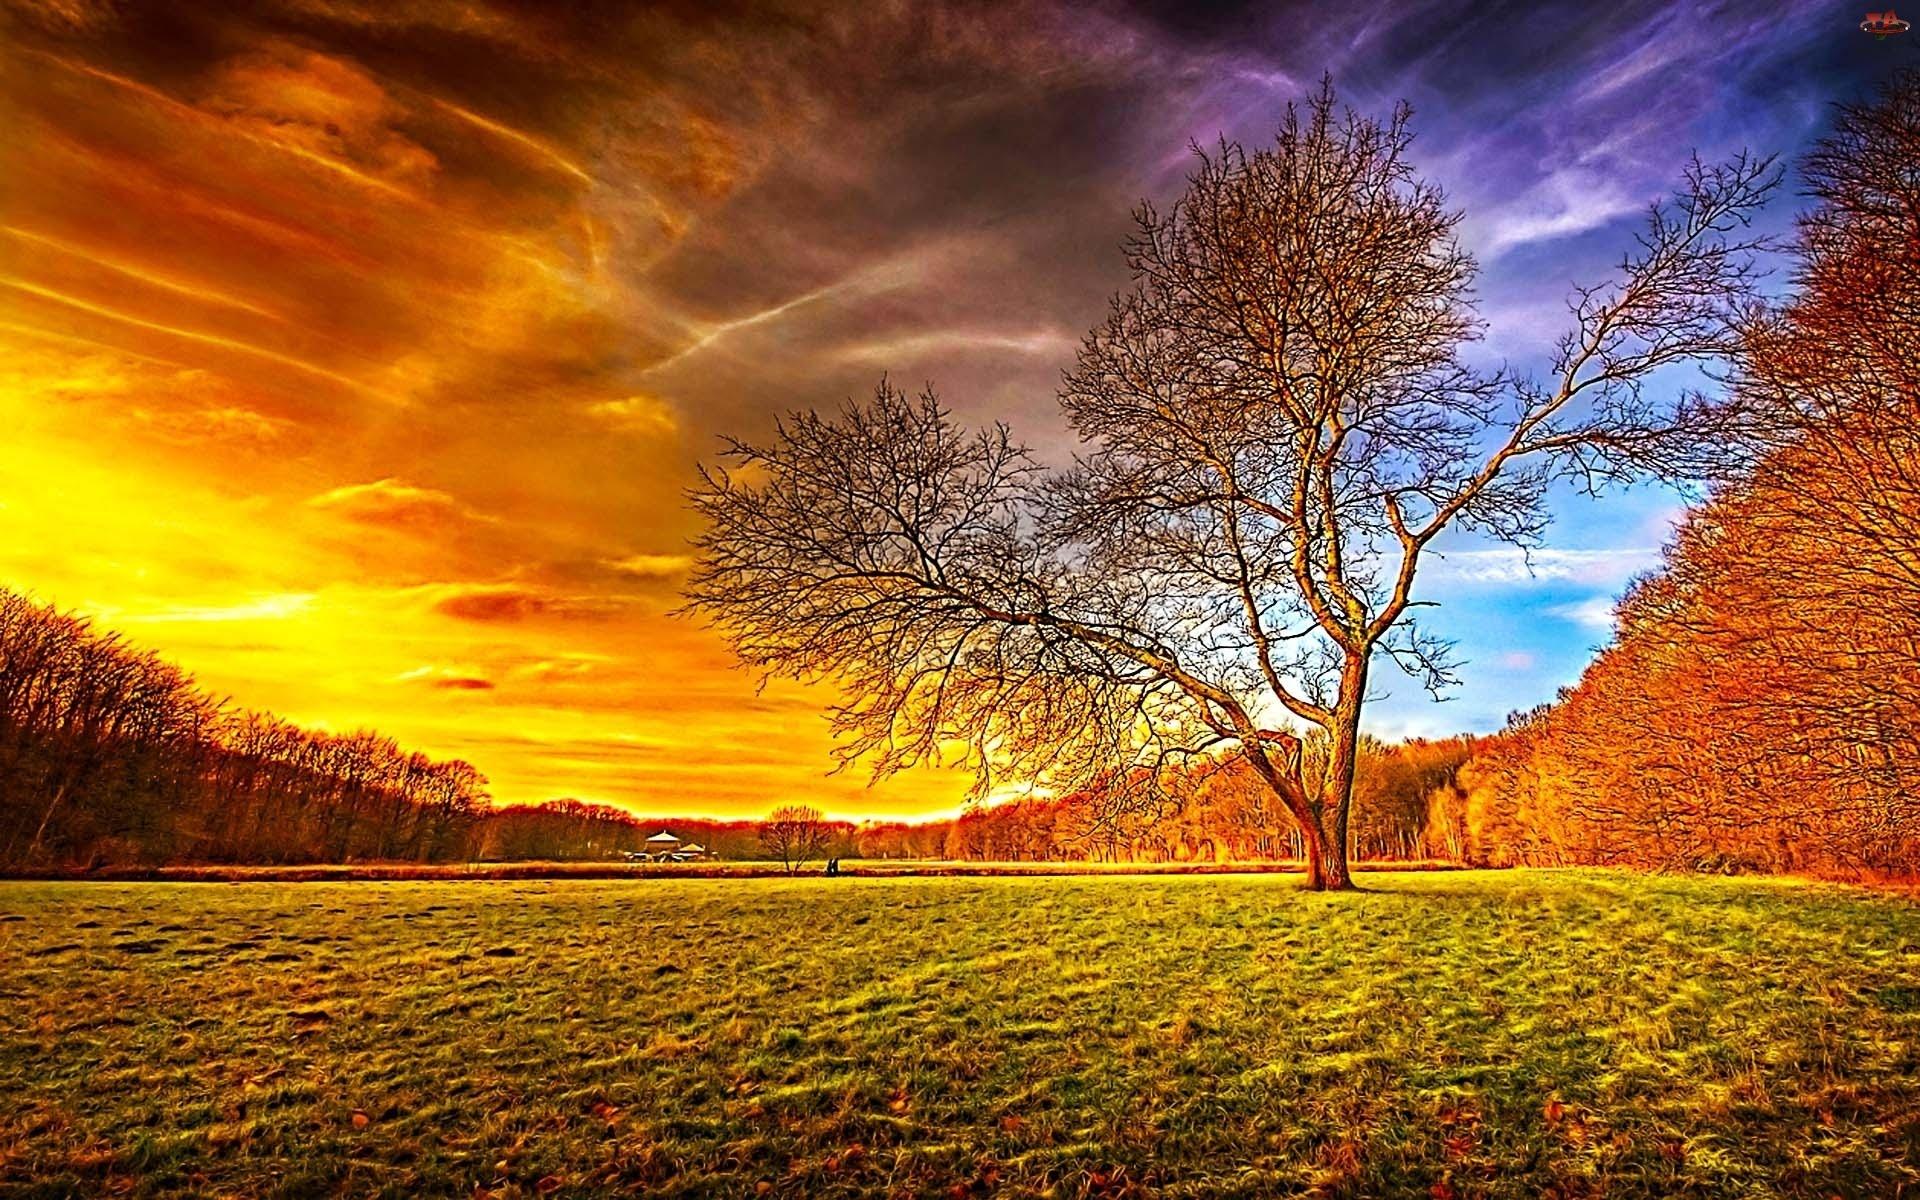 بالصور صور جمال الطبيعة , اجمل بوستات لروعة الطبيعة 5160